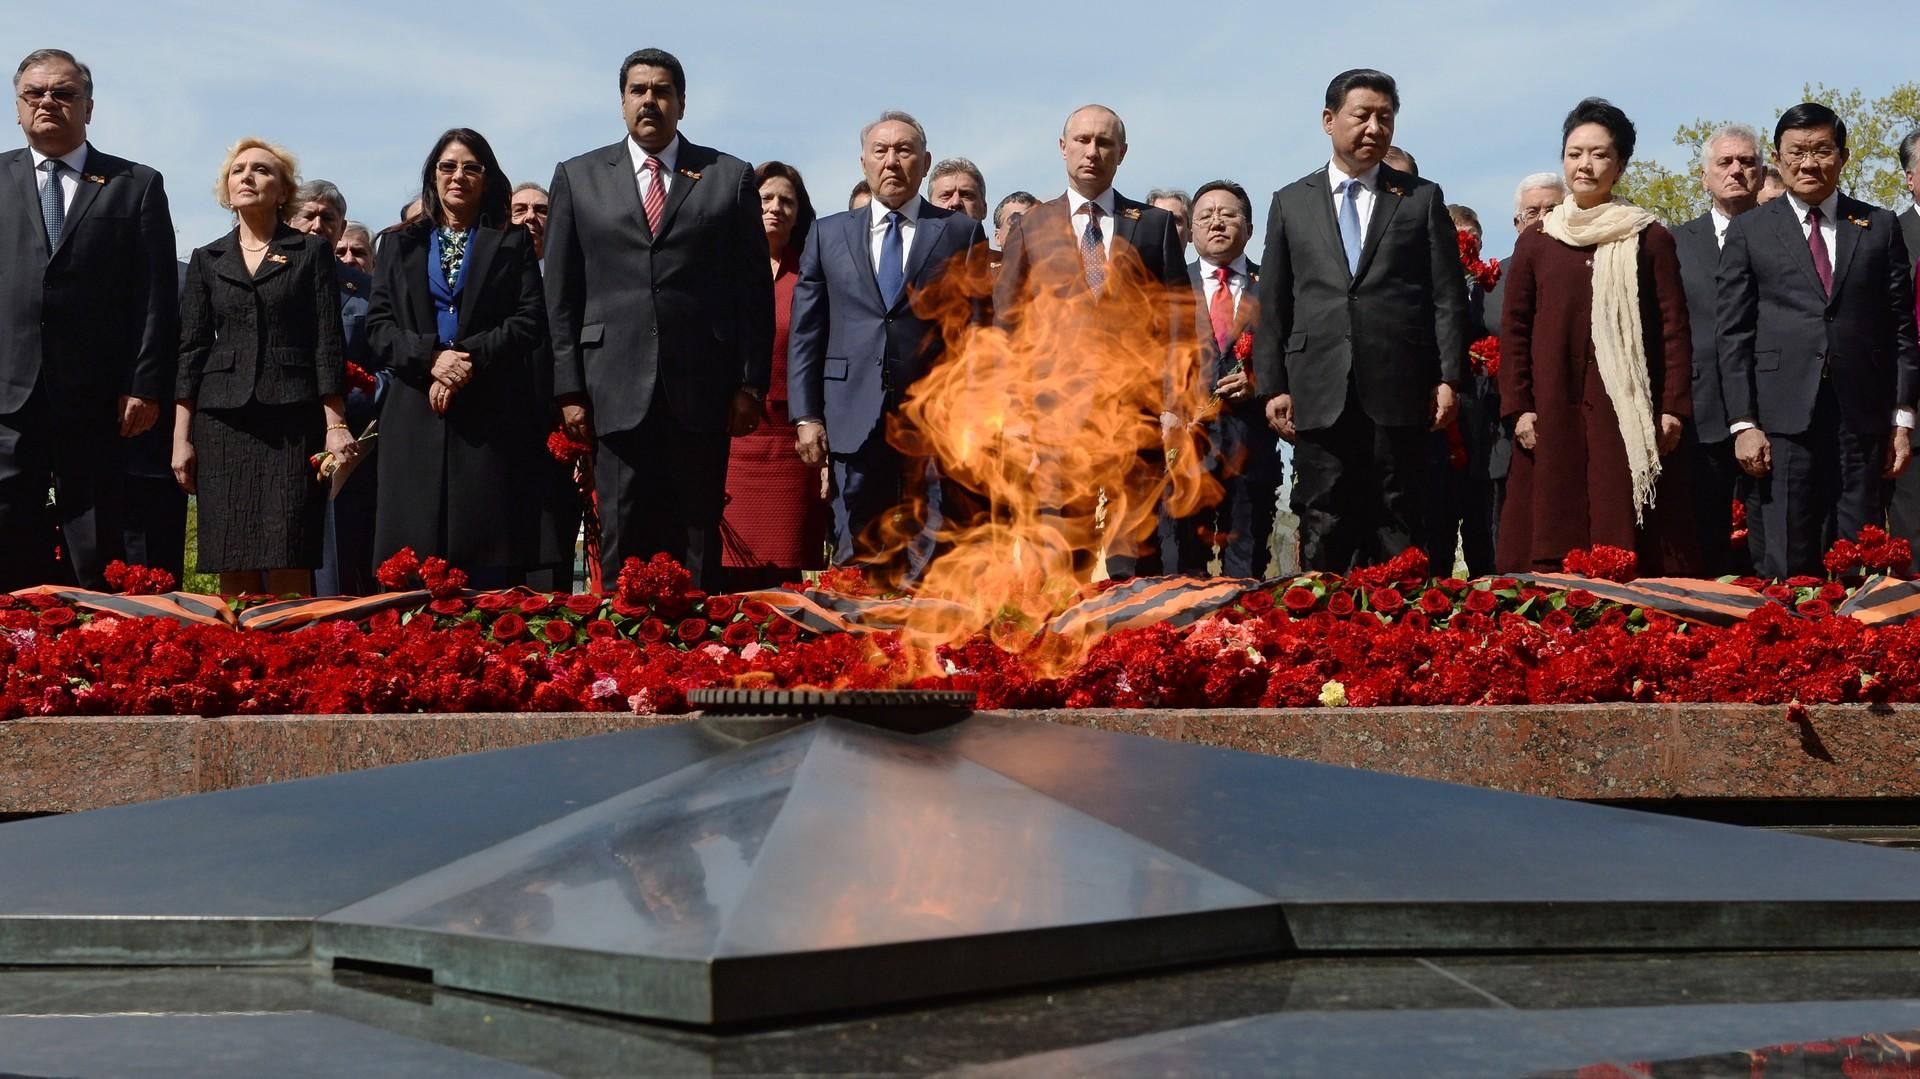 Les dirigeant mondiaux qui ont assisté à la parade du Jour de la Victoire